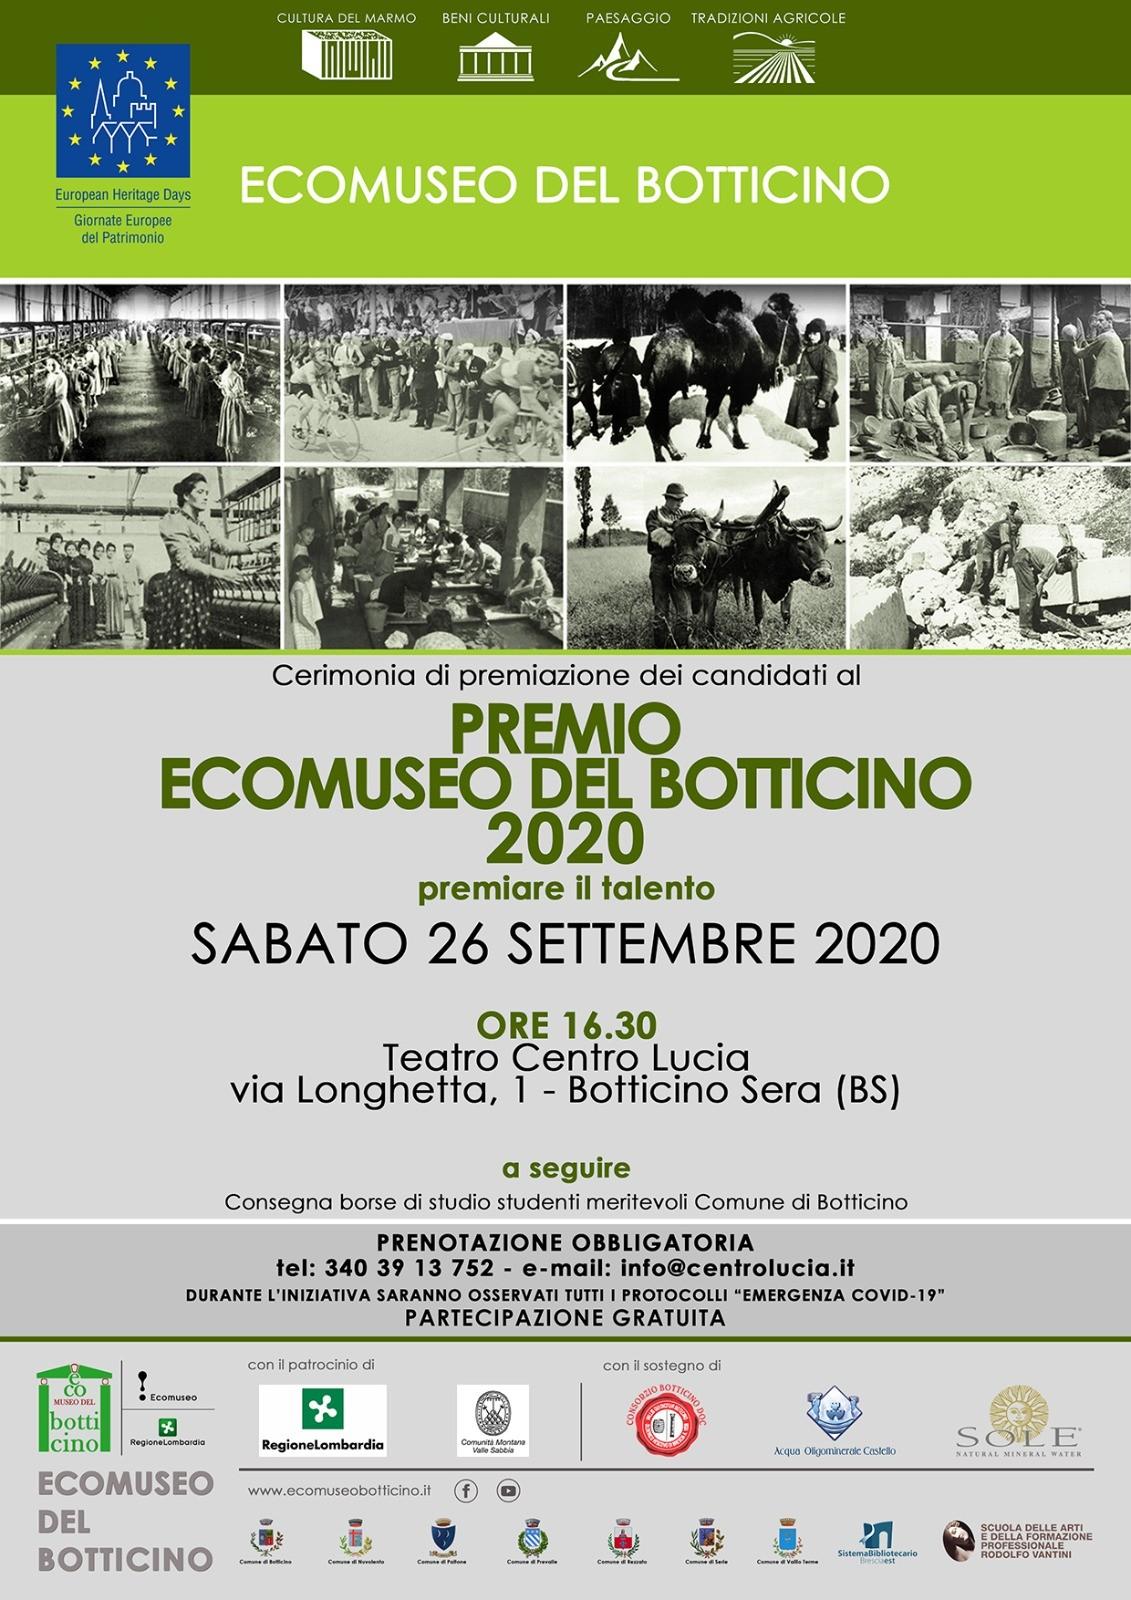 Premio Ecomuseo del Botticino 2020 e consegna borse di studio ad alunni meritevoli Comune di Botticino